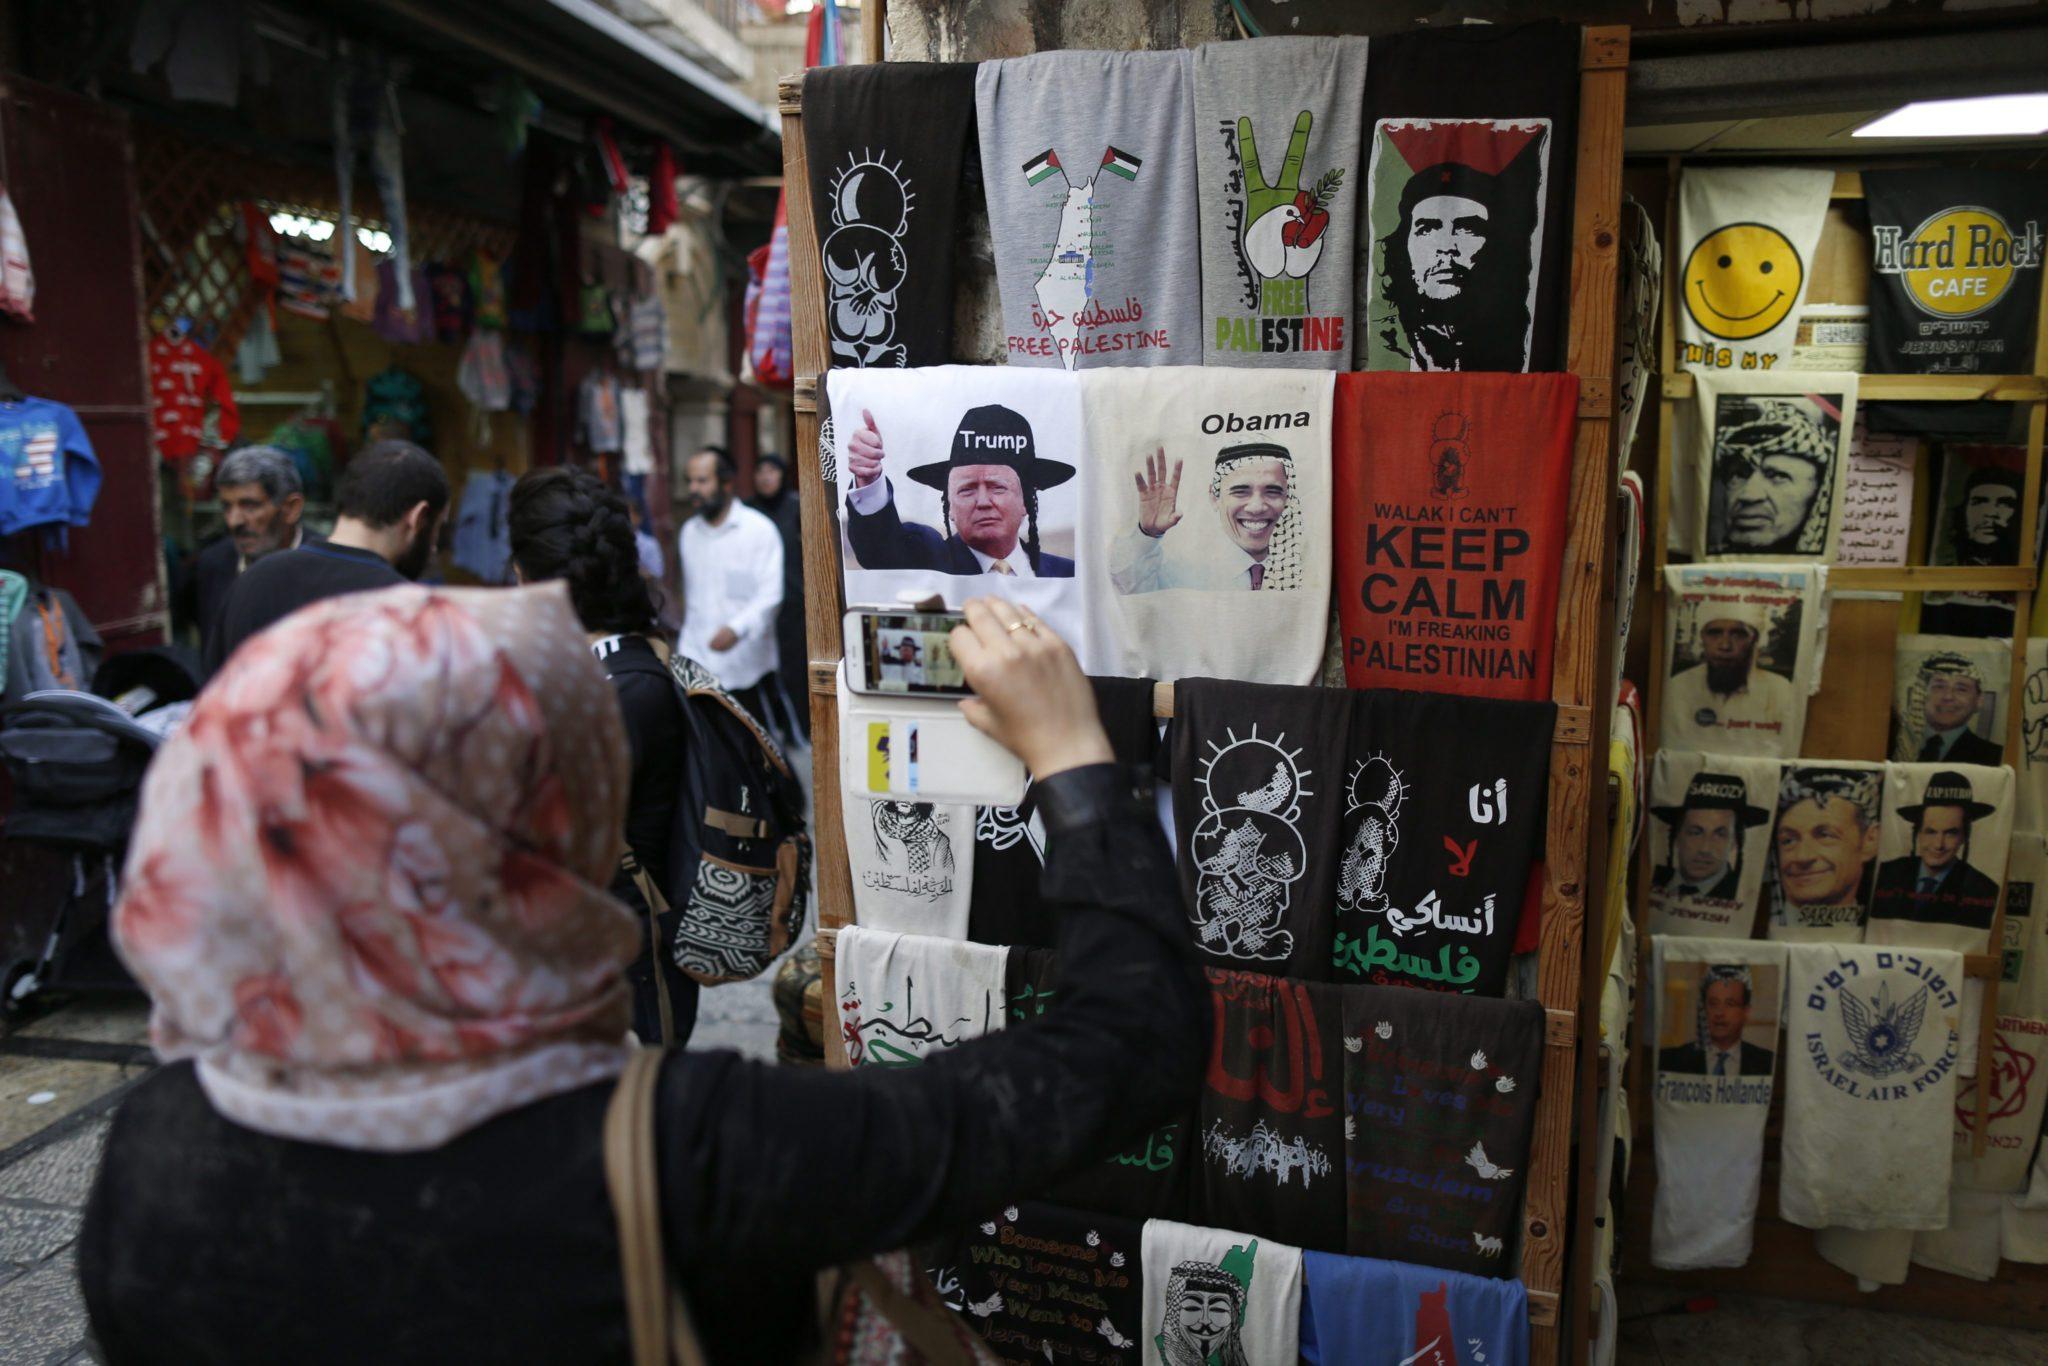 Ludzie zatrzymują się i robią zdjęcia koszulek na których widnieją obecny i przyszły prezydent USA. Izrael żywo reaguje na wybory prezydenckie w Stanach Zjednoczonych. Jeruzalem, Izrael.